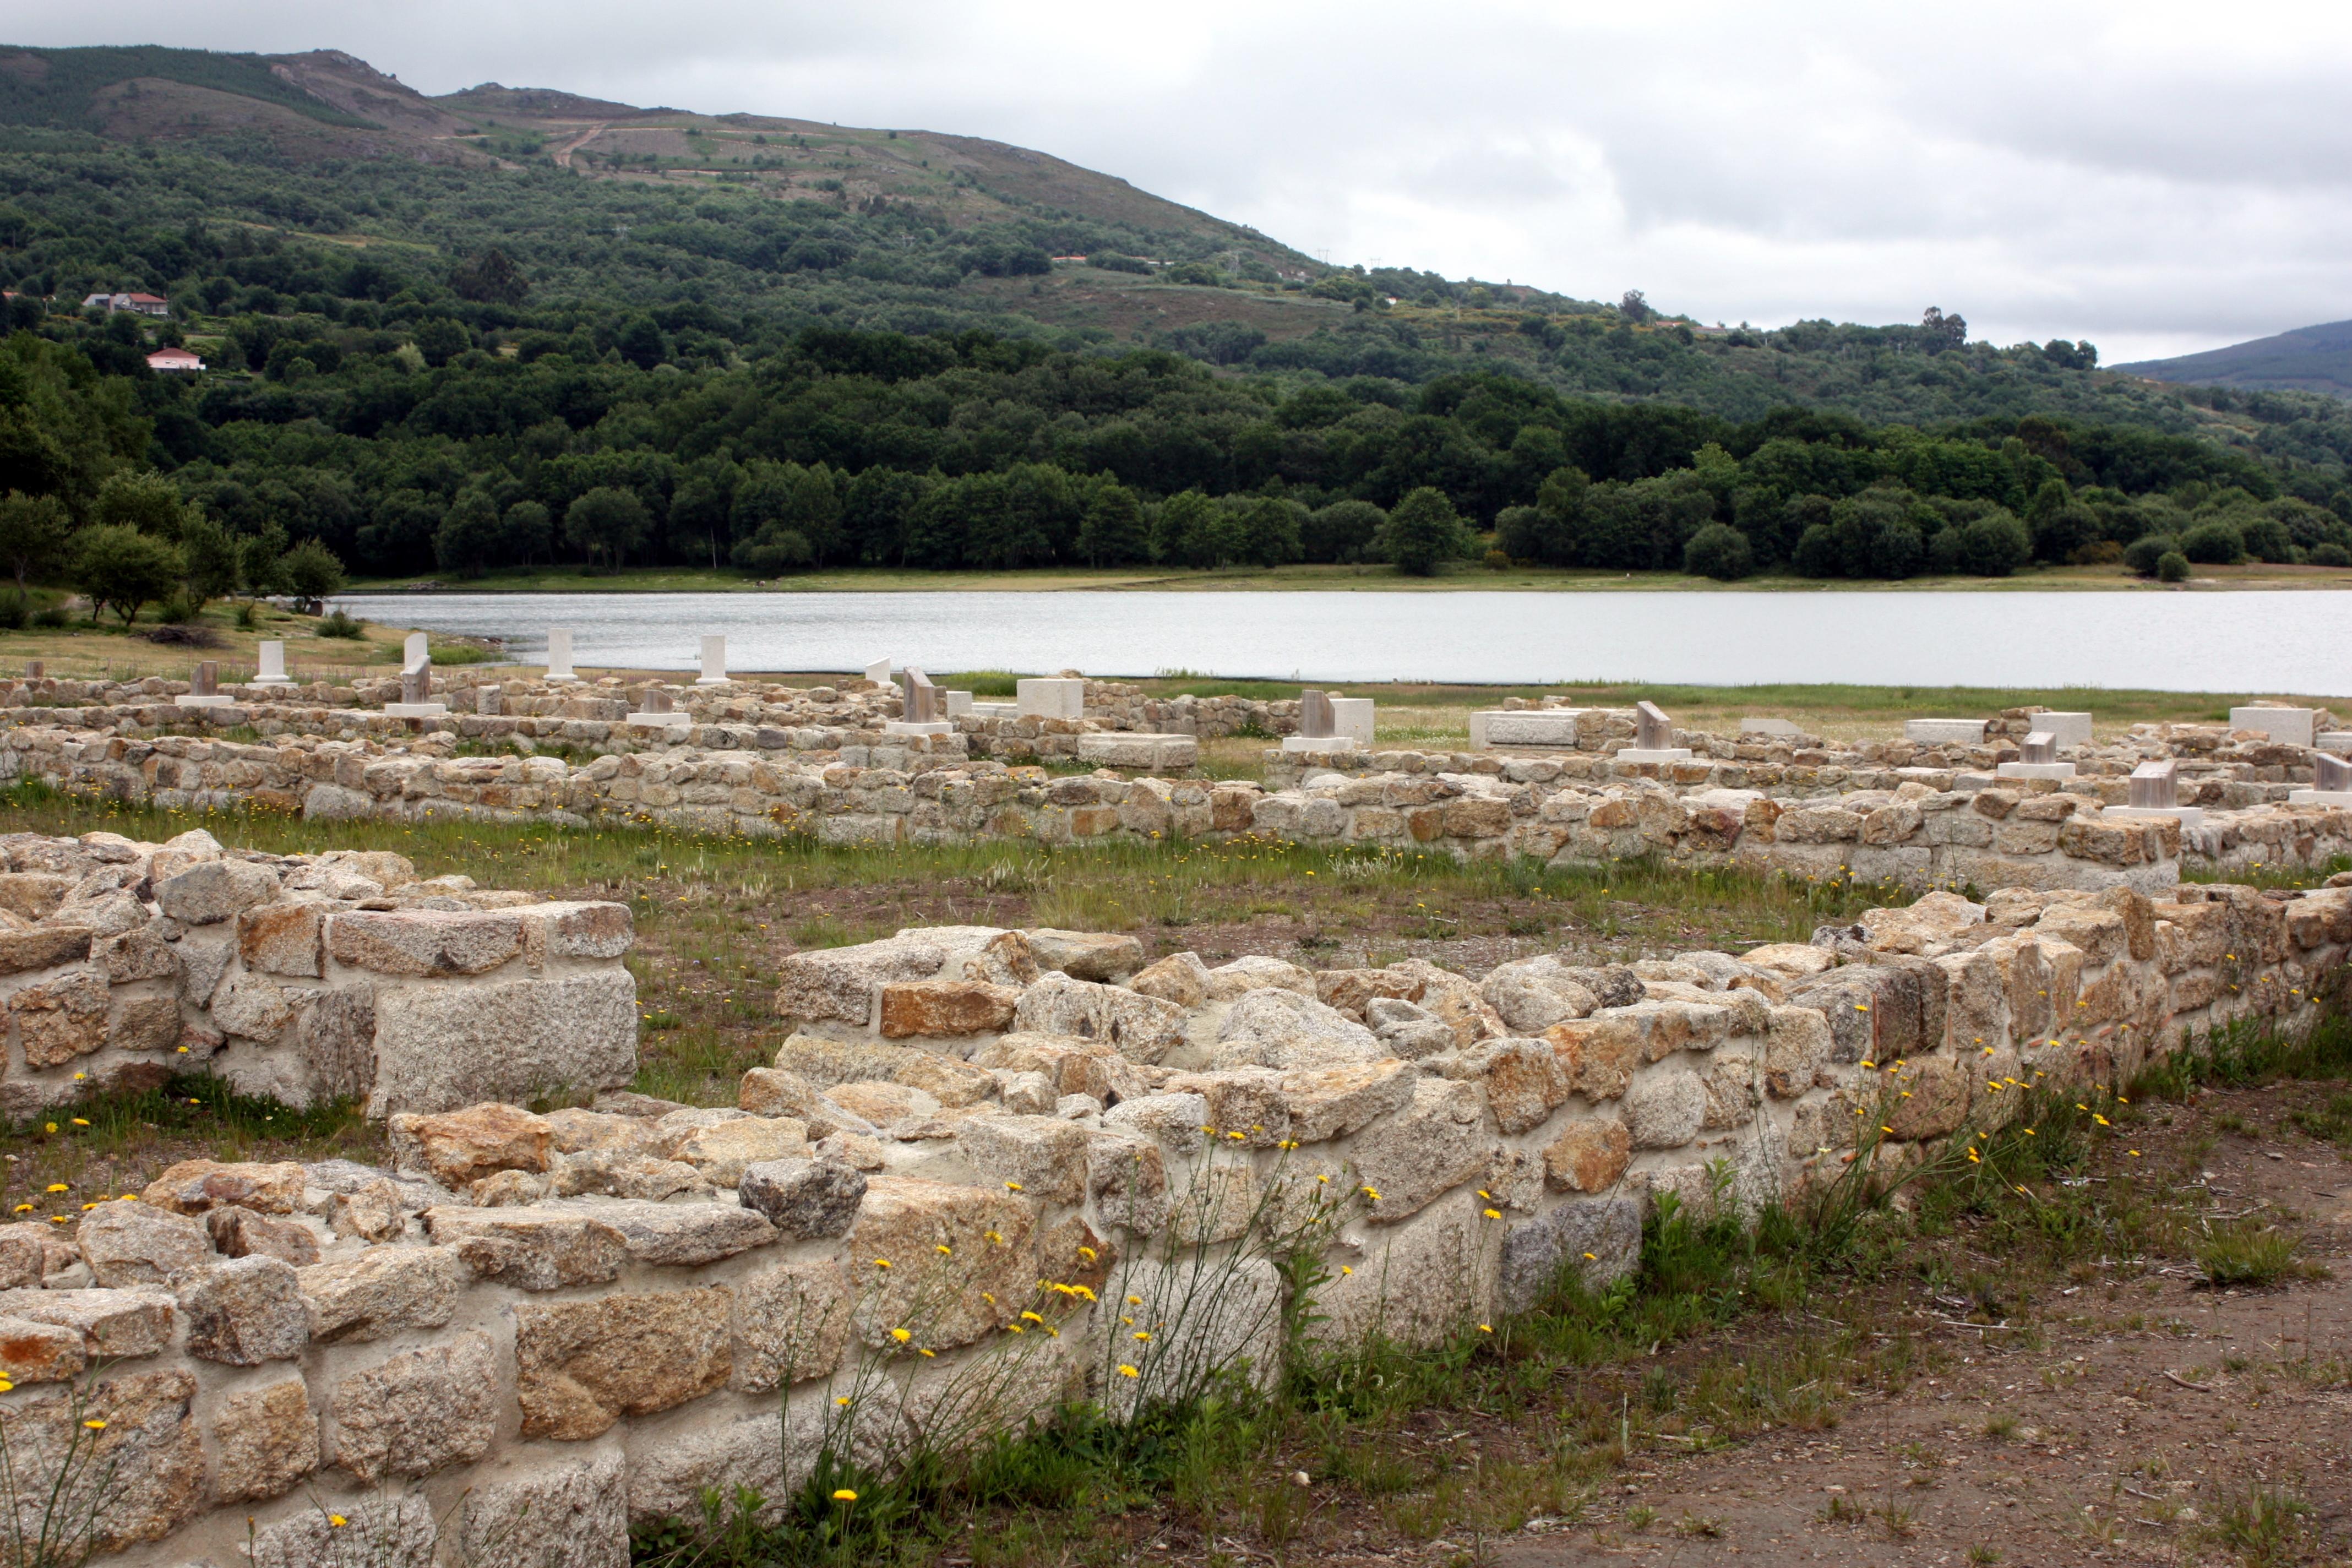 Awesome File:Roman Camp Aquis Querquennis, Baños De Bande, Ourense, Galicia 18